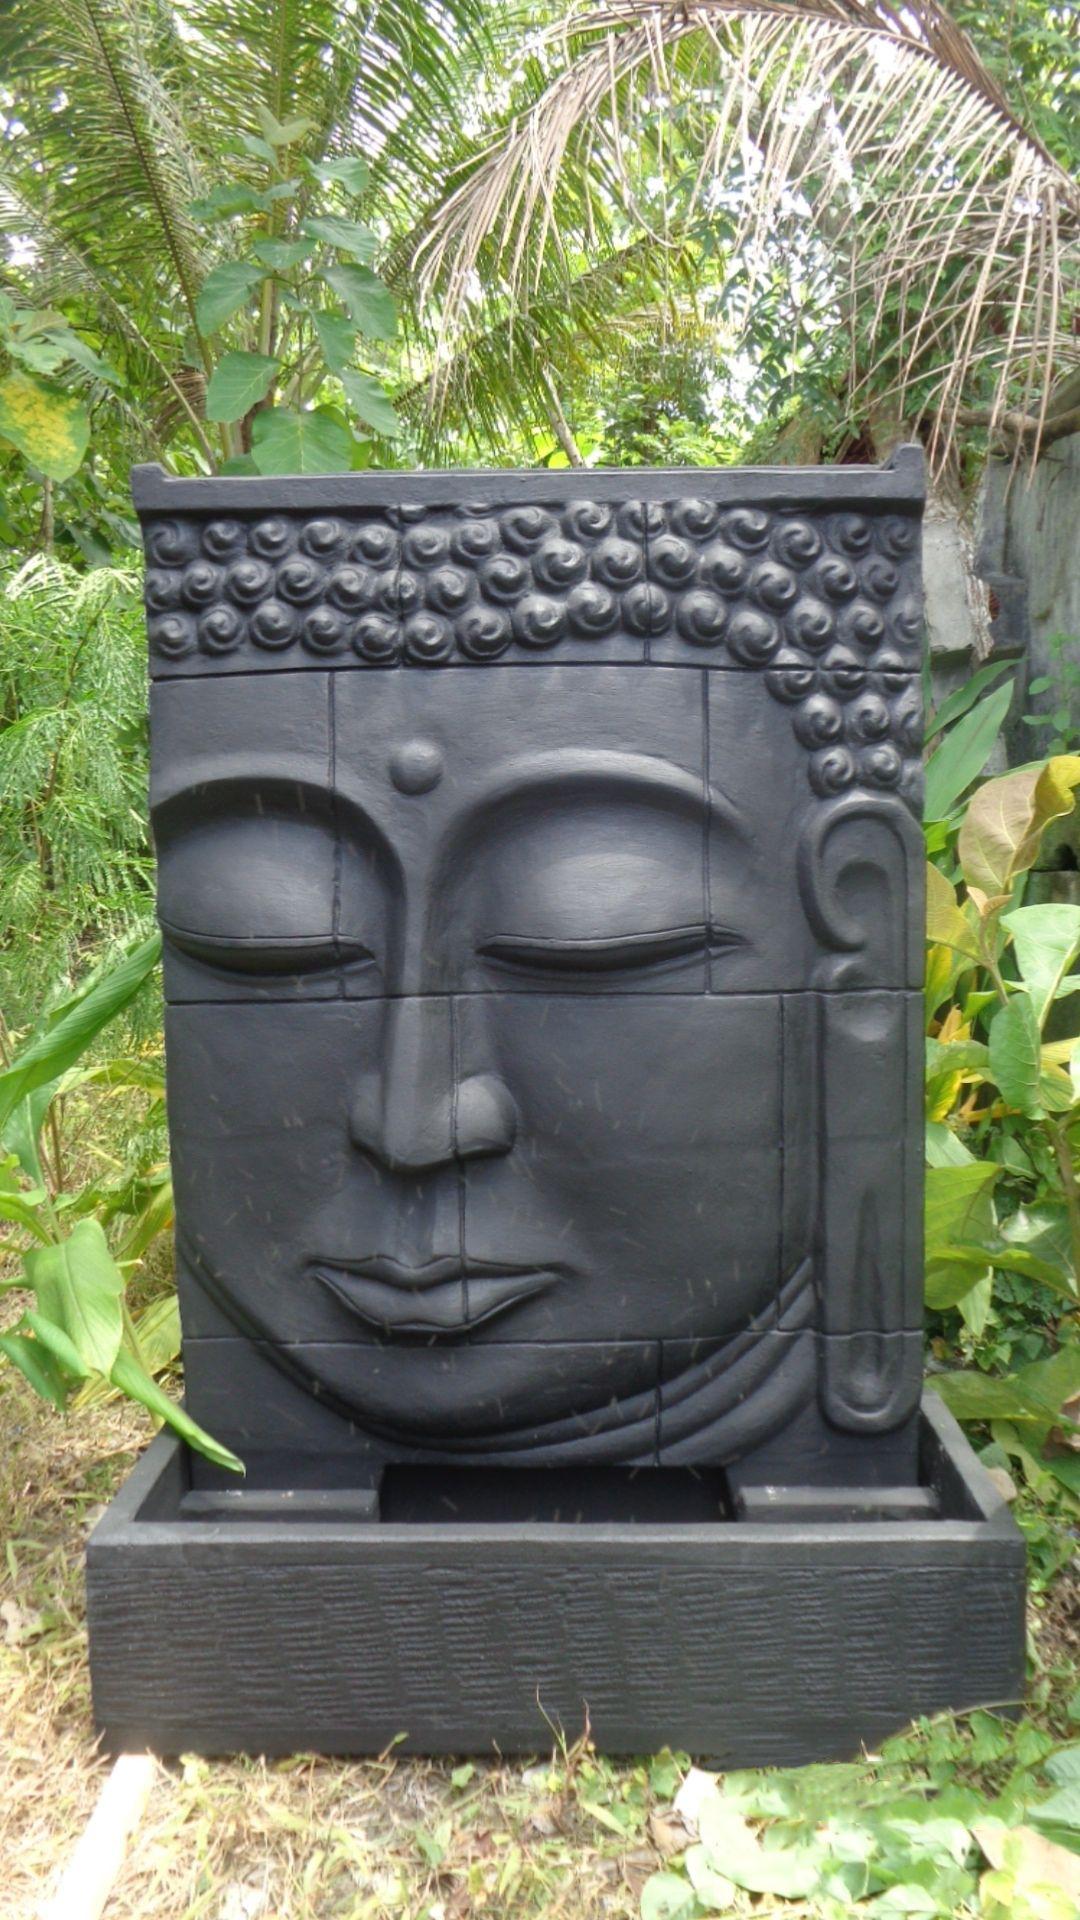 Grande Fontaine Extérieur Mur D'eau Visage De Bouddha 1 M 80 ... concernant Tete De Bouddha Pour Jardin